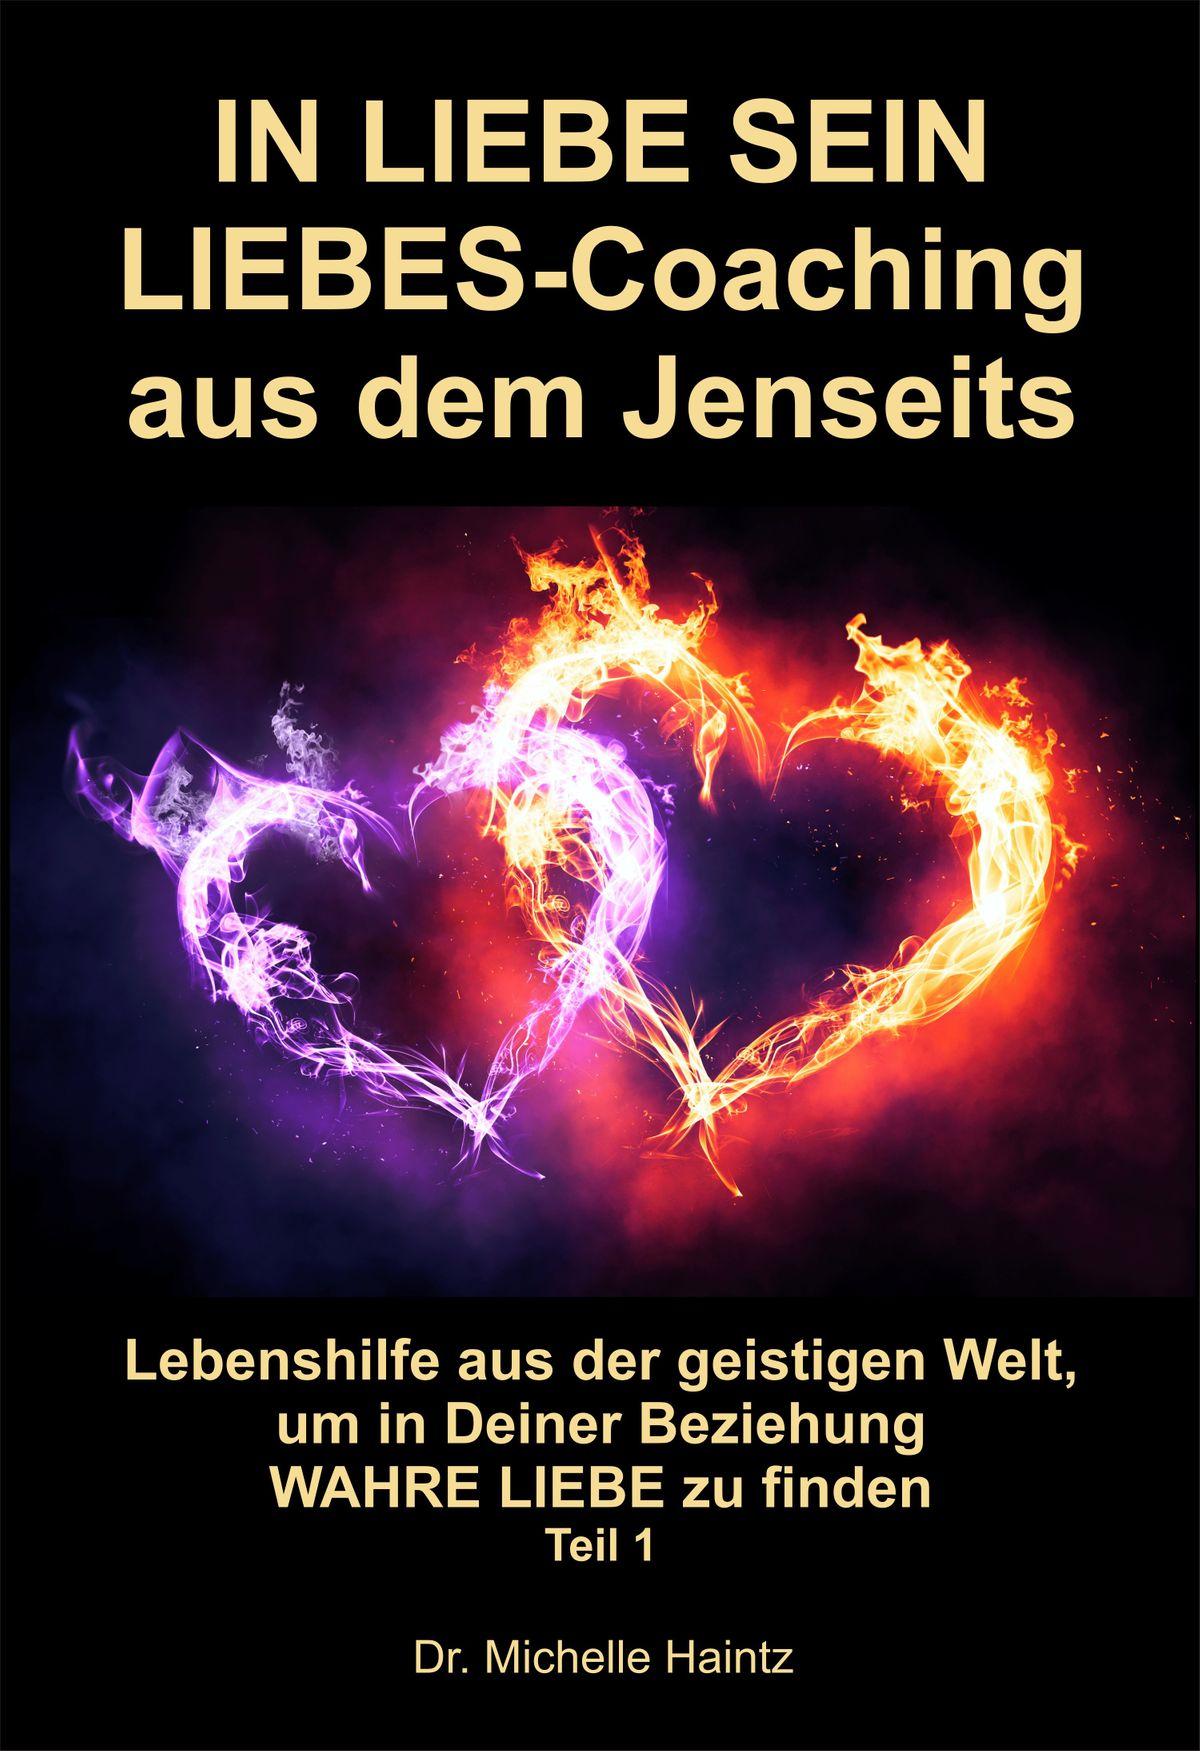 In Liebe Sein Liebes-Coaching Aus Dem Jenseits Ebooks By Dr. Michelle  Haintz - Rakuten Kobo ganzes Libes Bilder